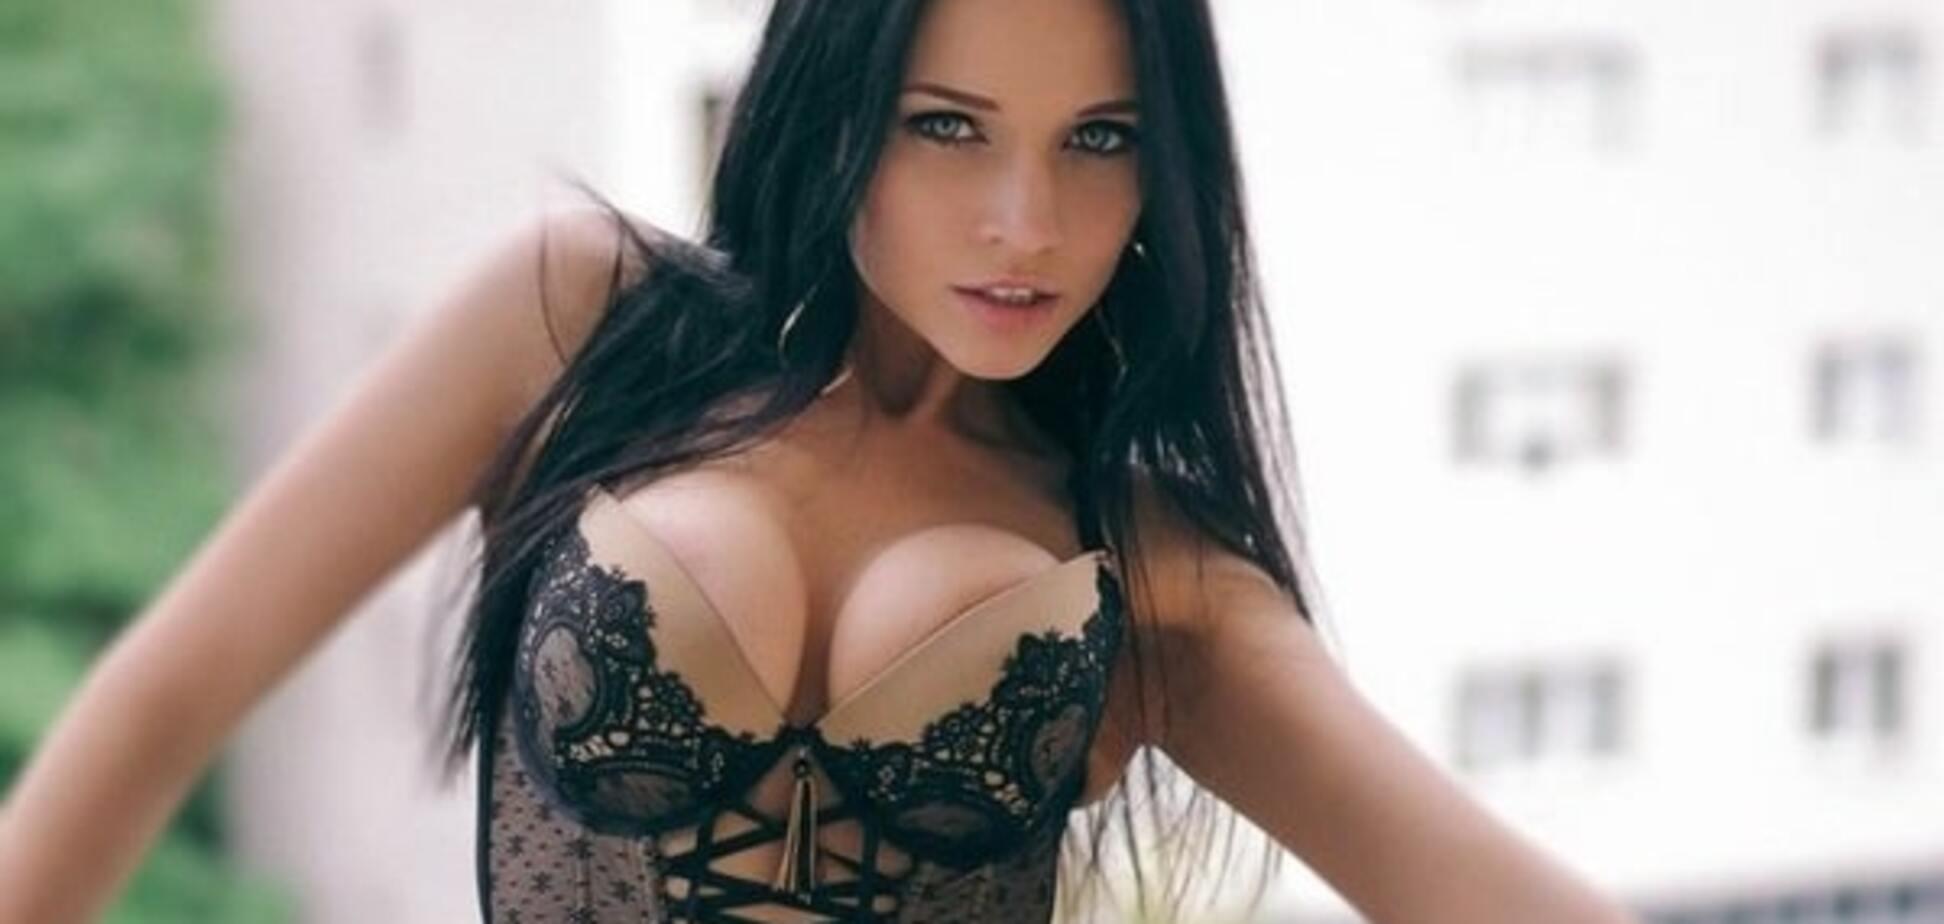 Сексуальная модель готова раздеться ради сборной Украины: фото красотки